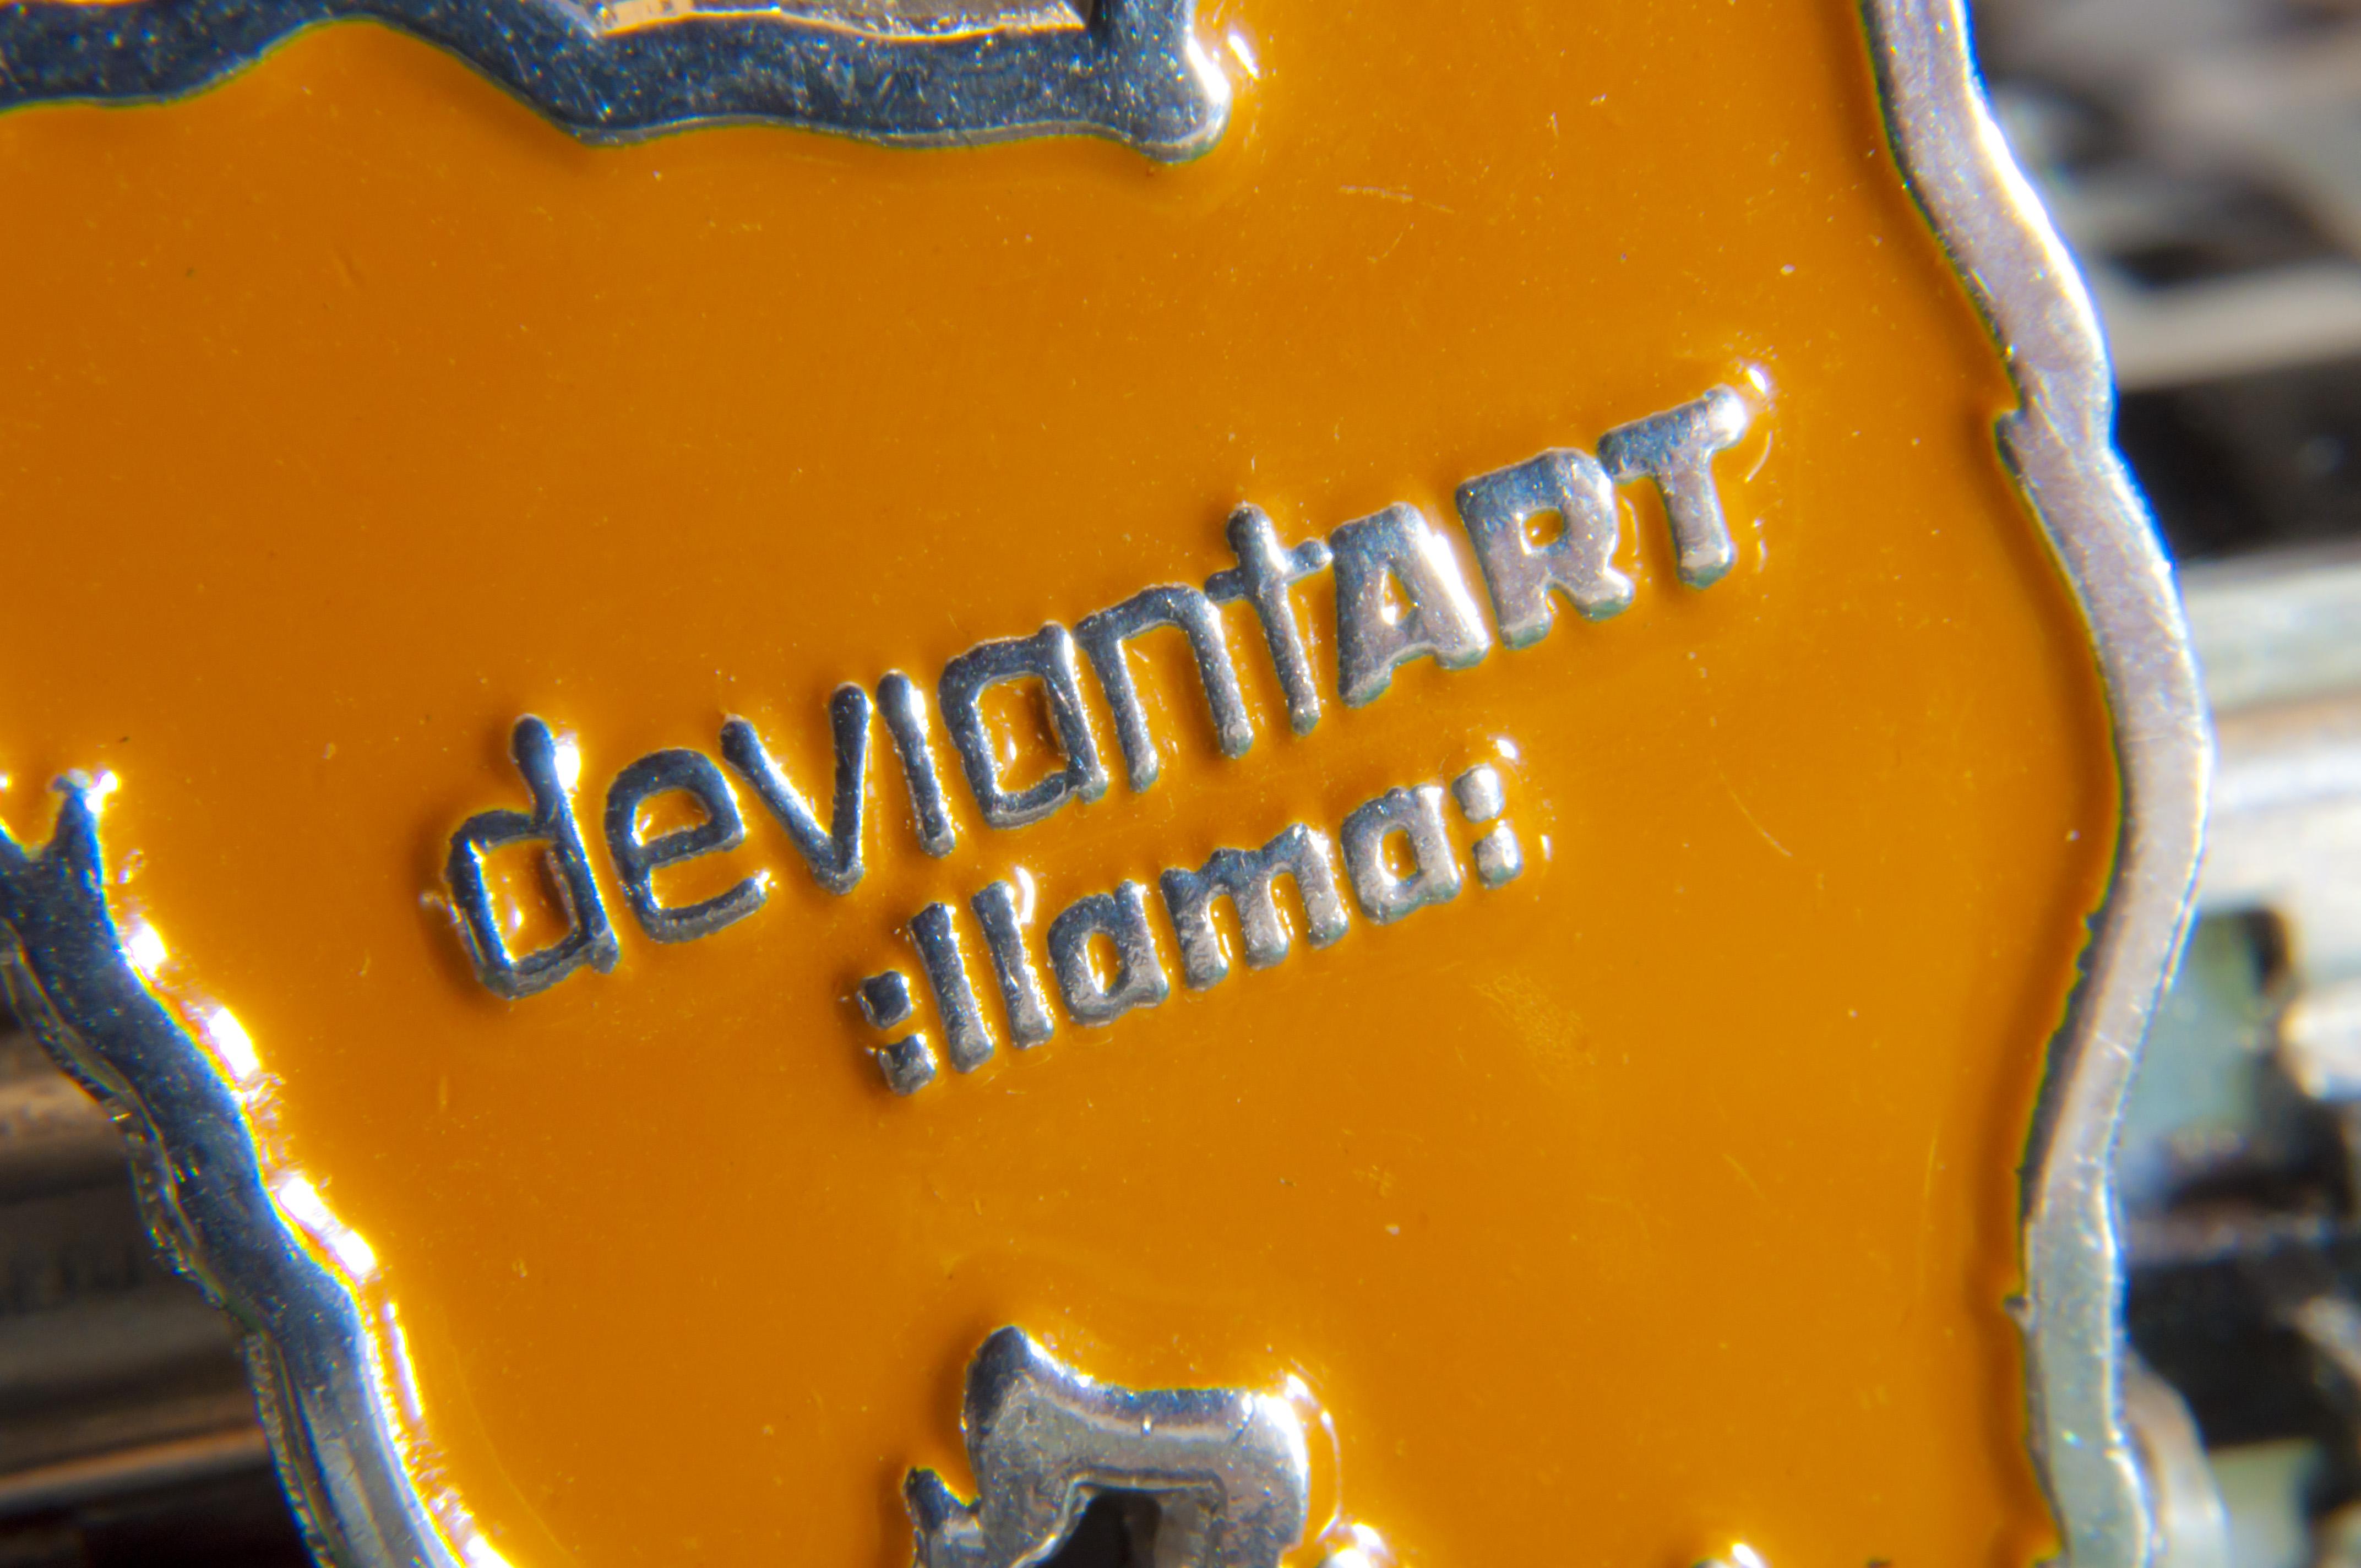 DA Llama Key Chain by astrant82